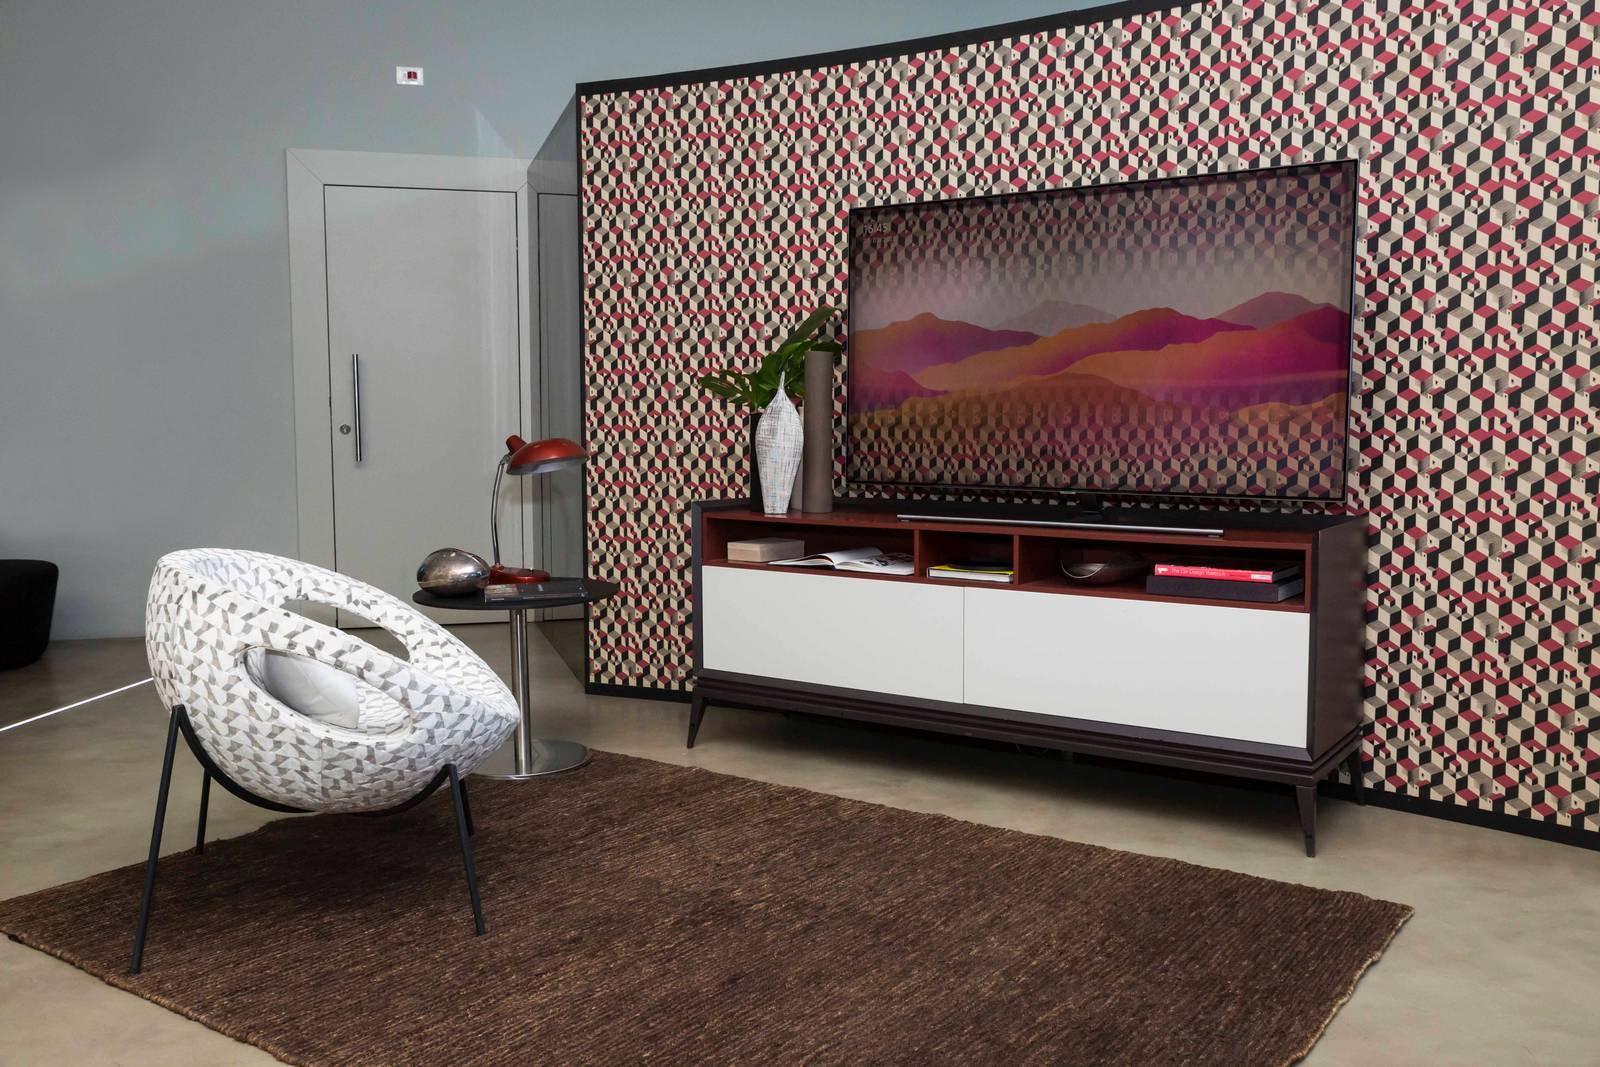 La tv... come la parete: il total look con la tappezzeria - Cose di Casa